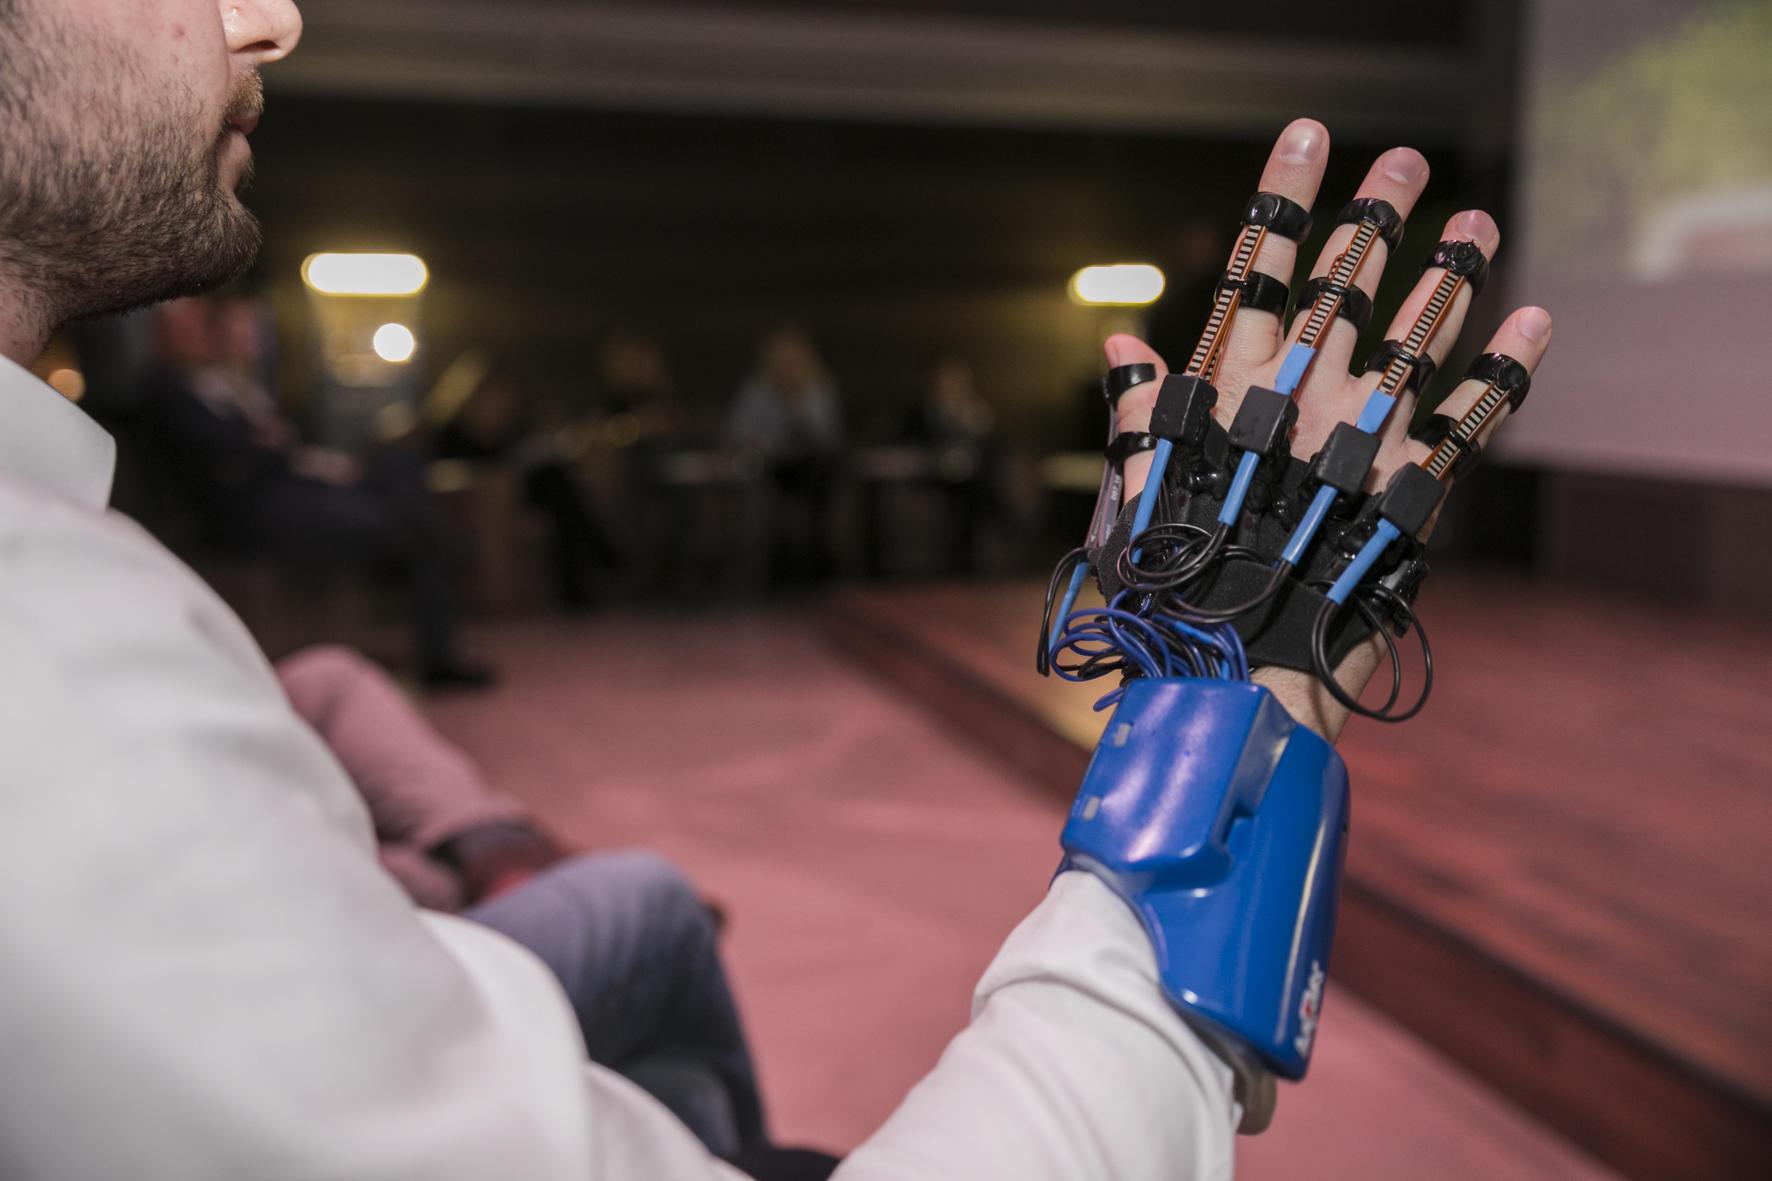 Premio Chivas Venture, Italia rappresentata da Limix: un guanto High-tech che dà voce ai sordomuti